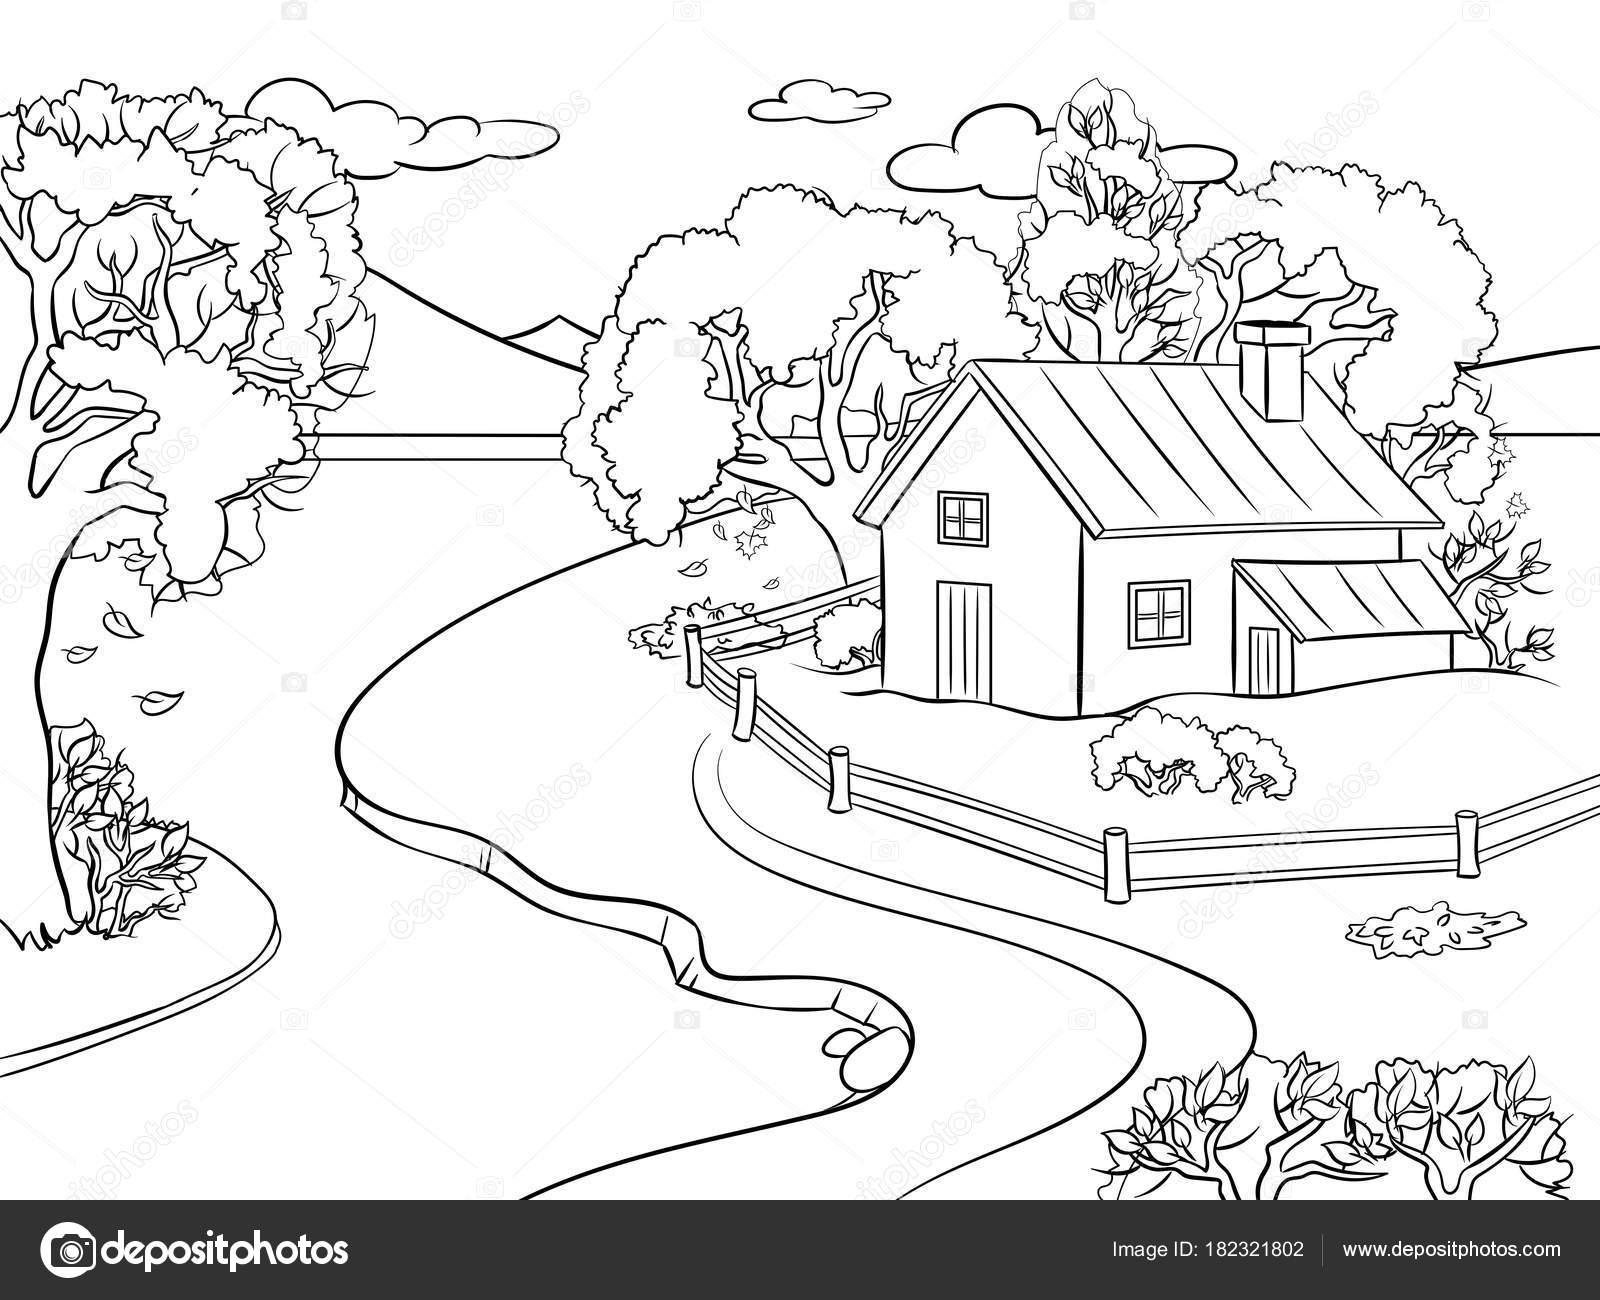 Dibujos Para Colorear Paisajes Naturales: Imágenes: Paisajes De Otoño Para Dibujar